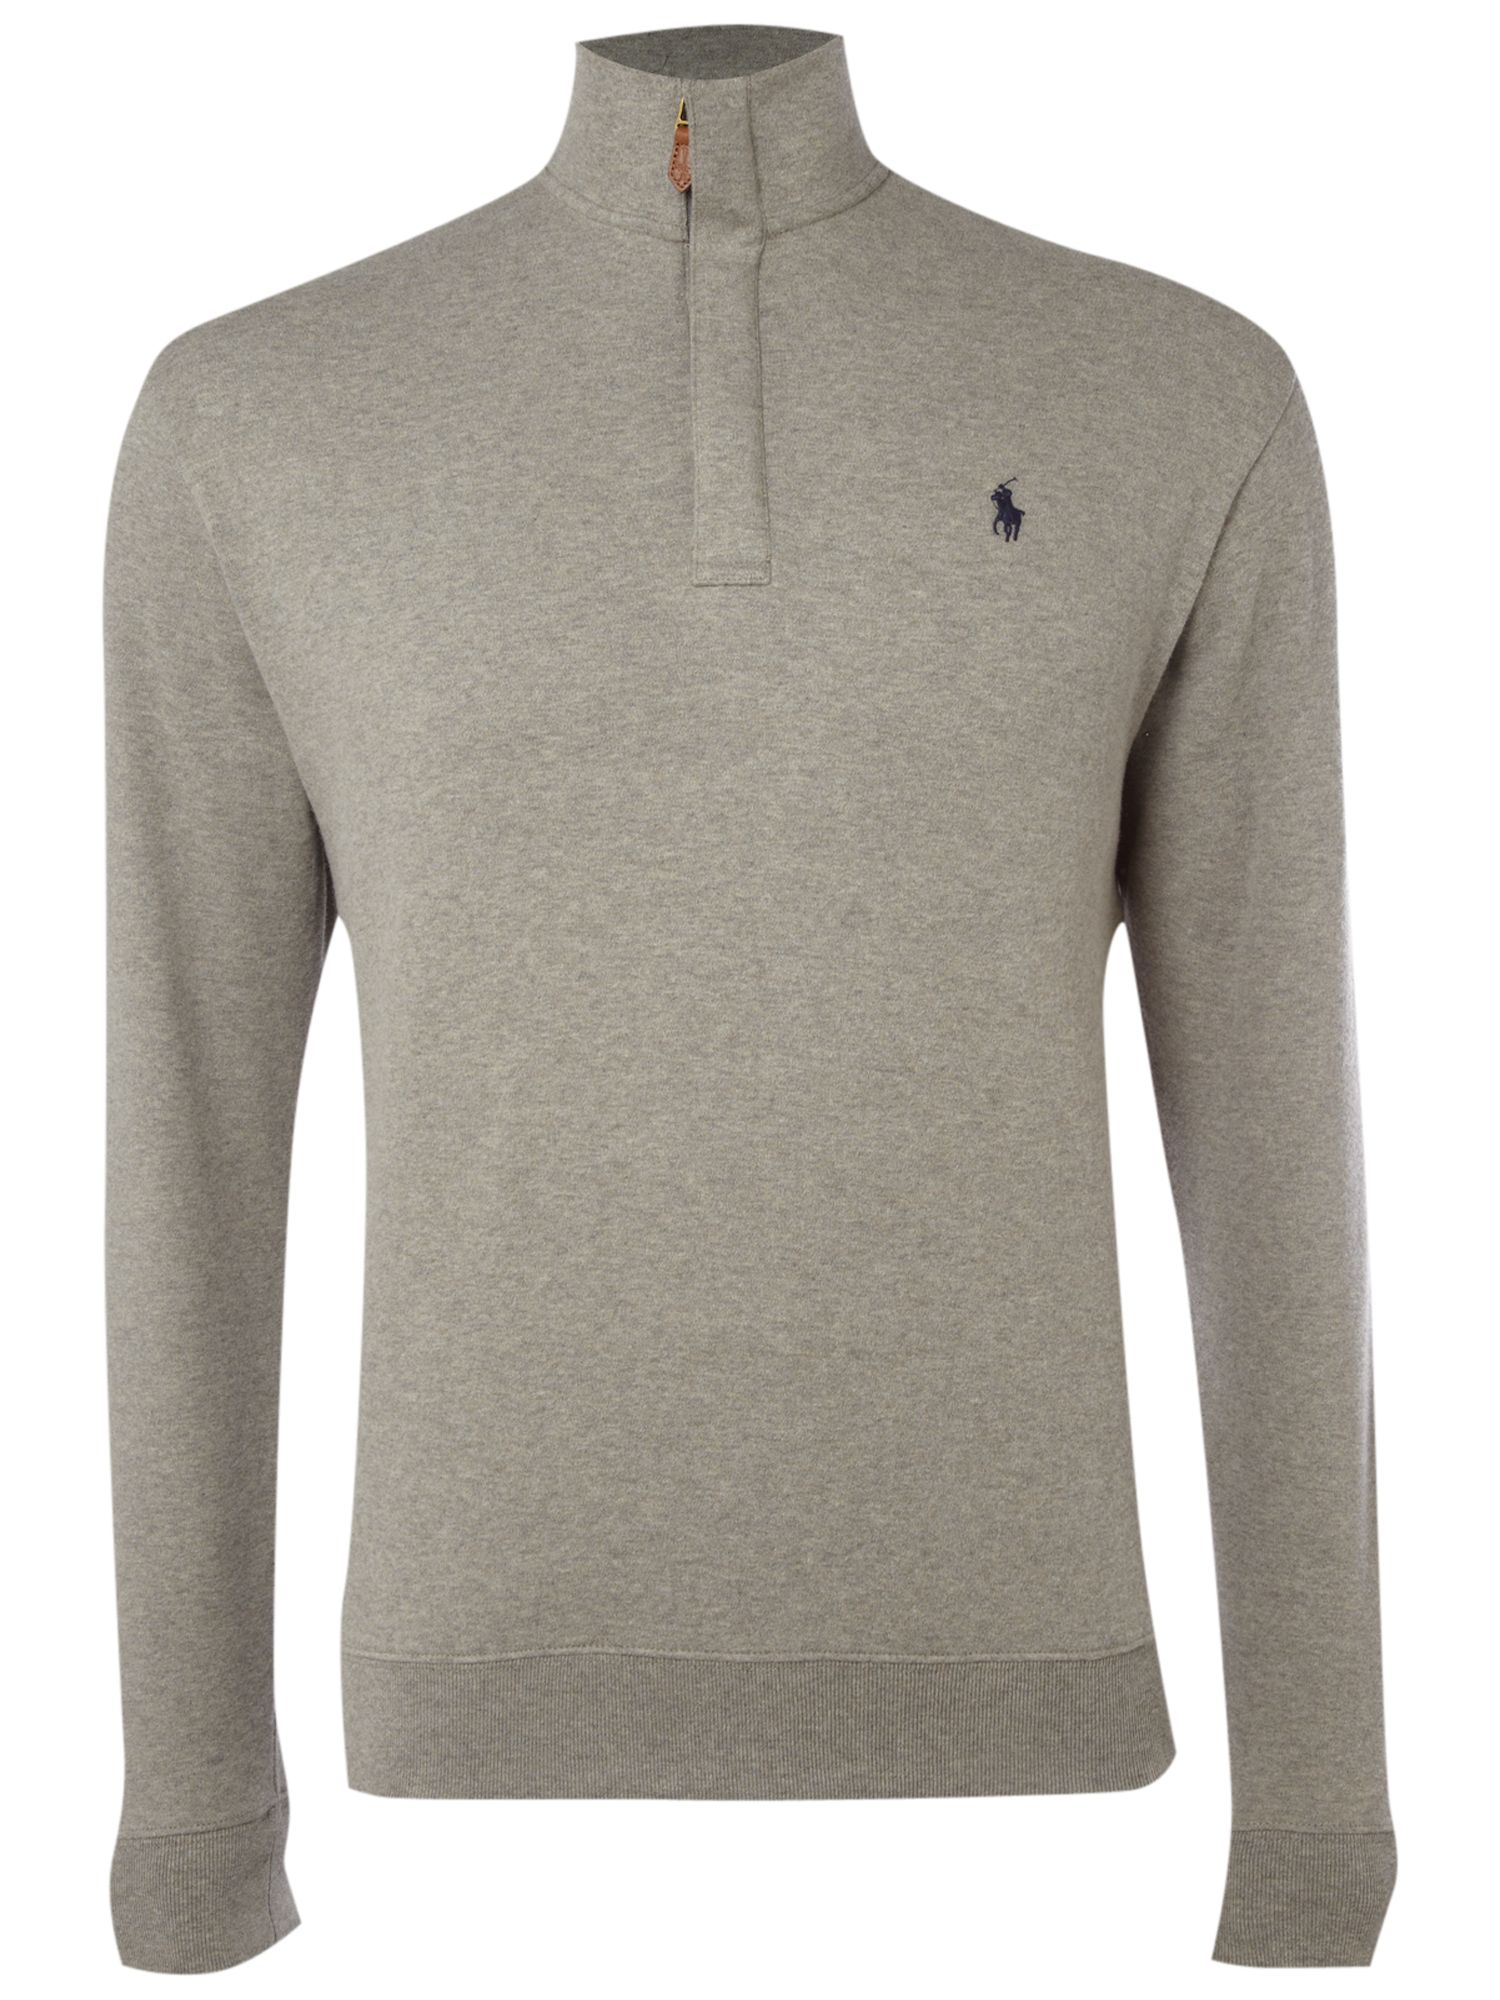 lyst ralph lauren golf half zip sweatshirt in gray for men. Black Bedroom Furniture Sets. Home Design Ideas